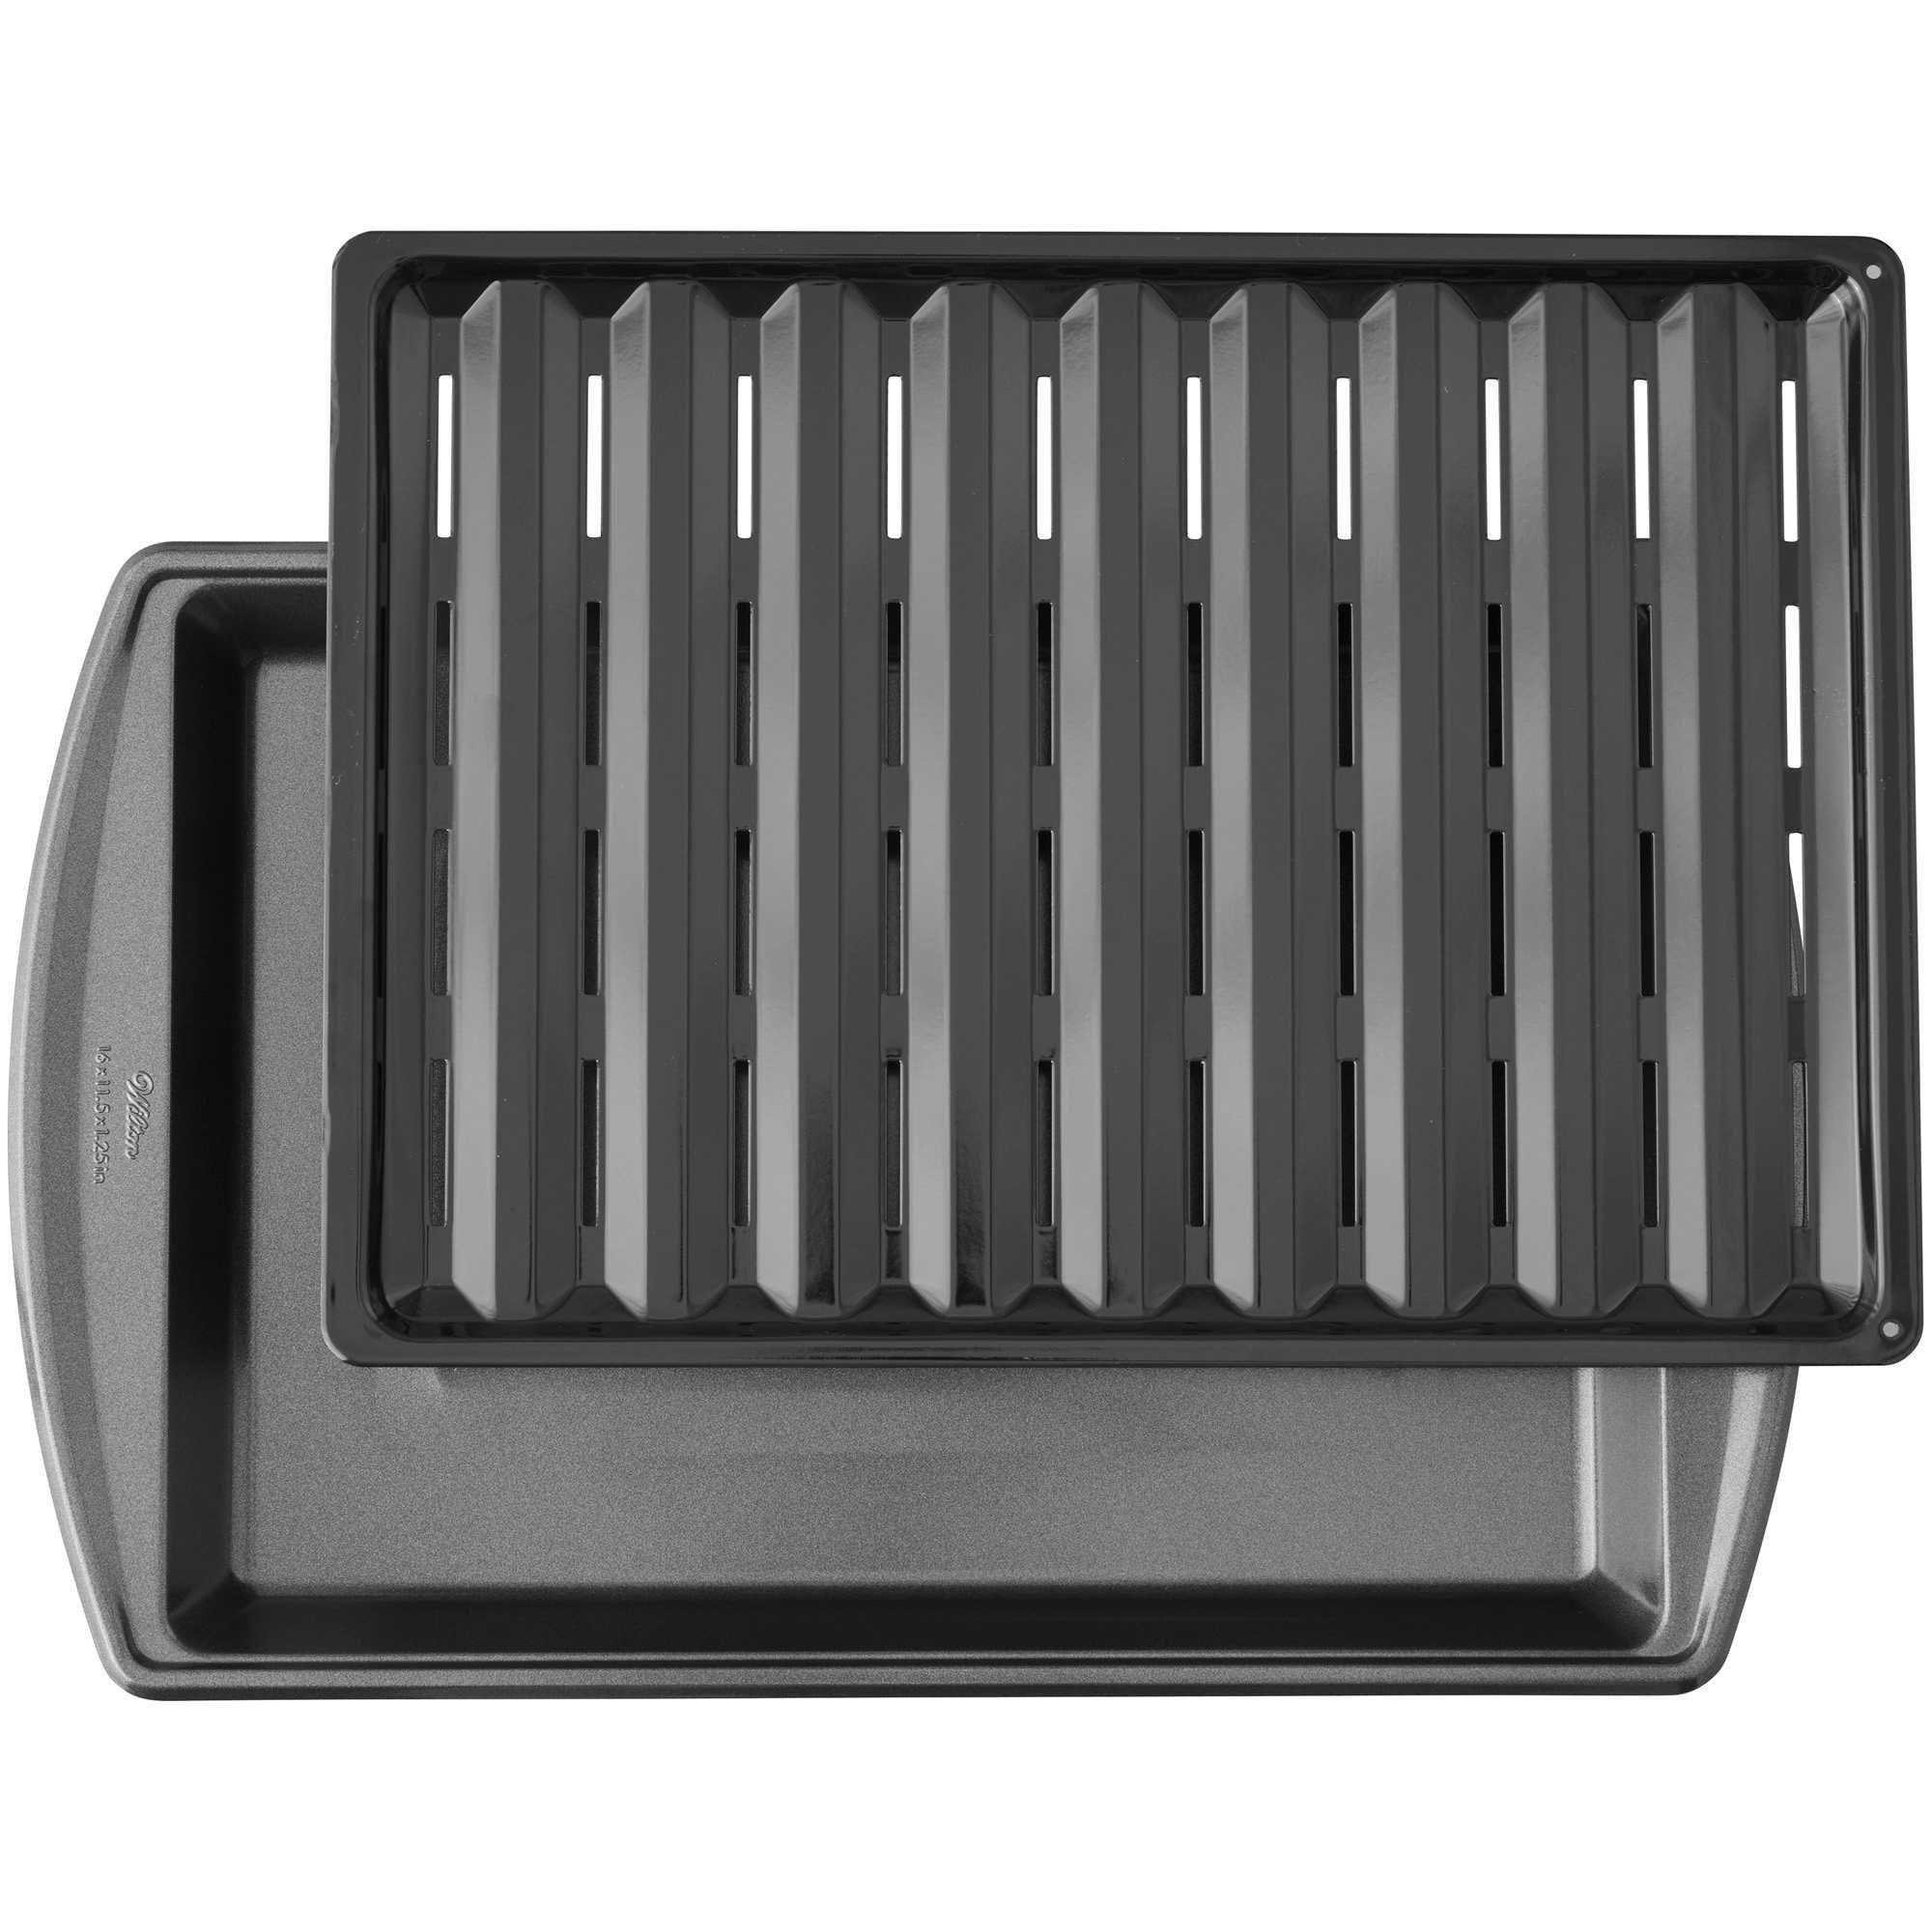 17-Inch Nonstick Broiler Pan in Gunmetal